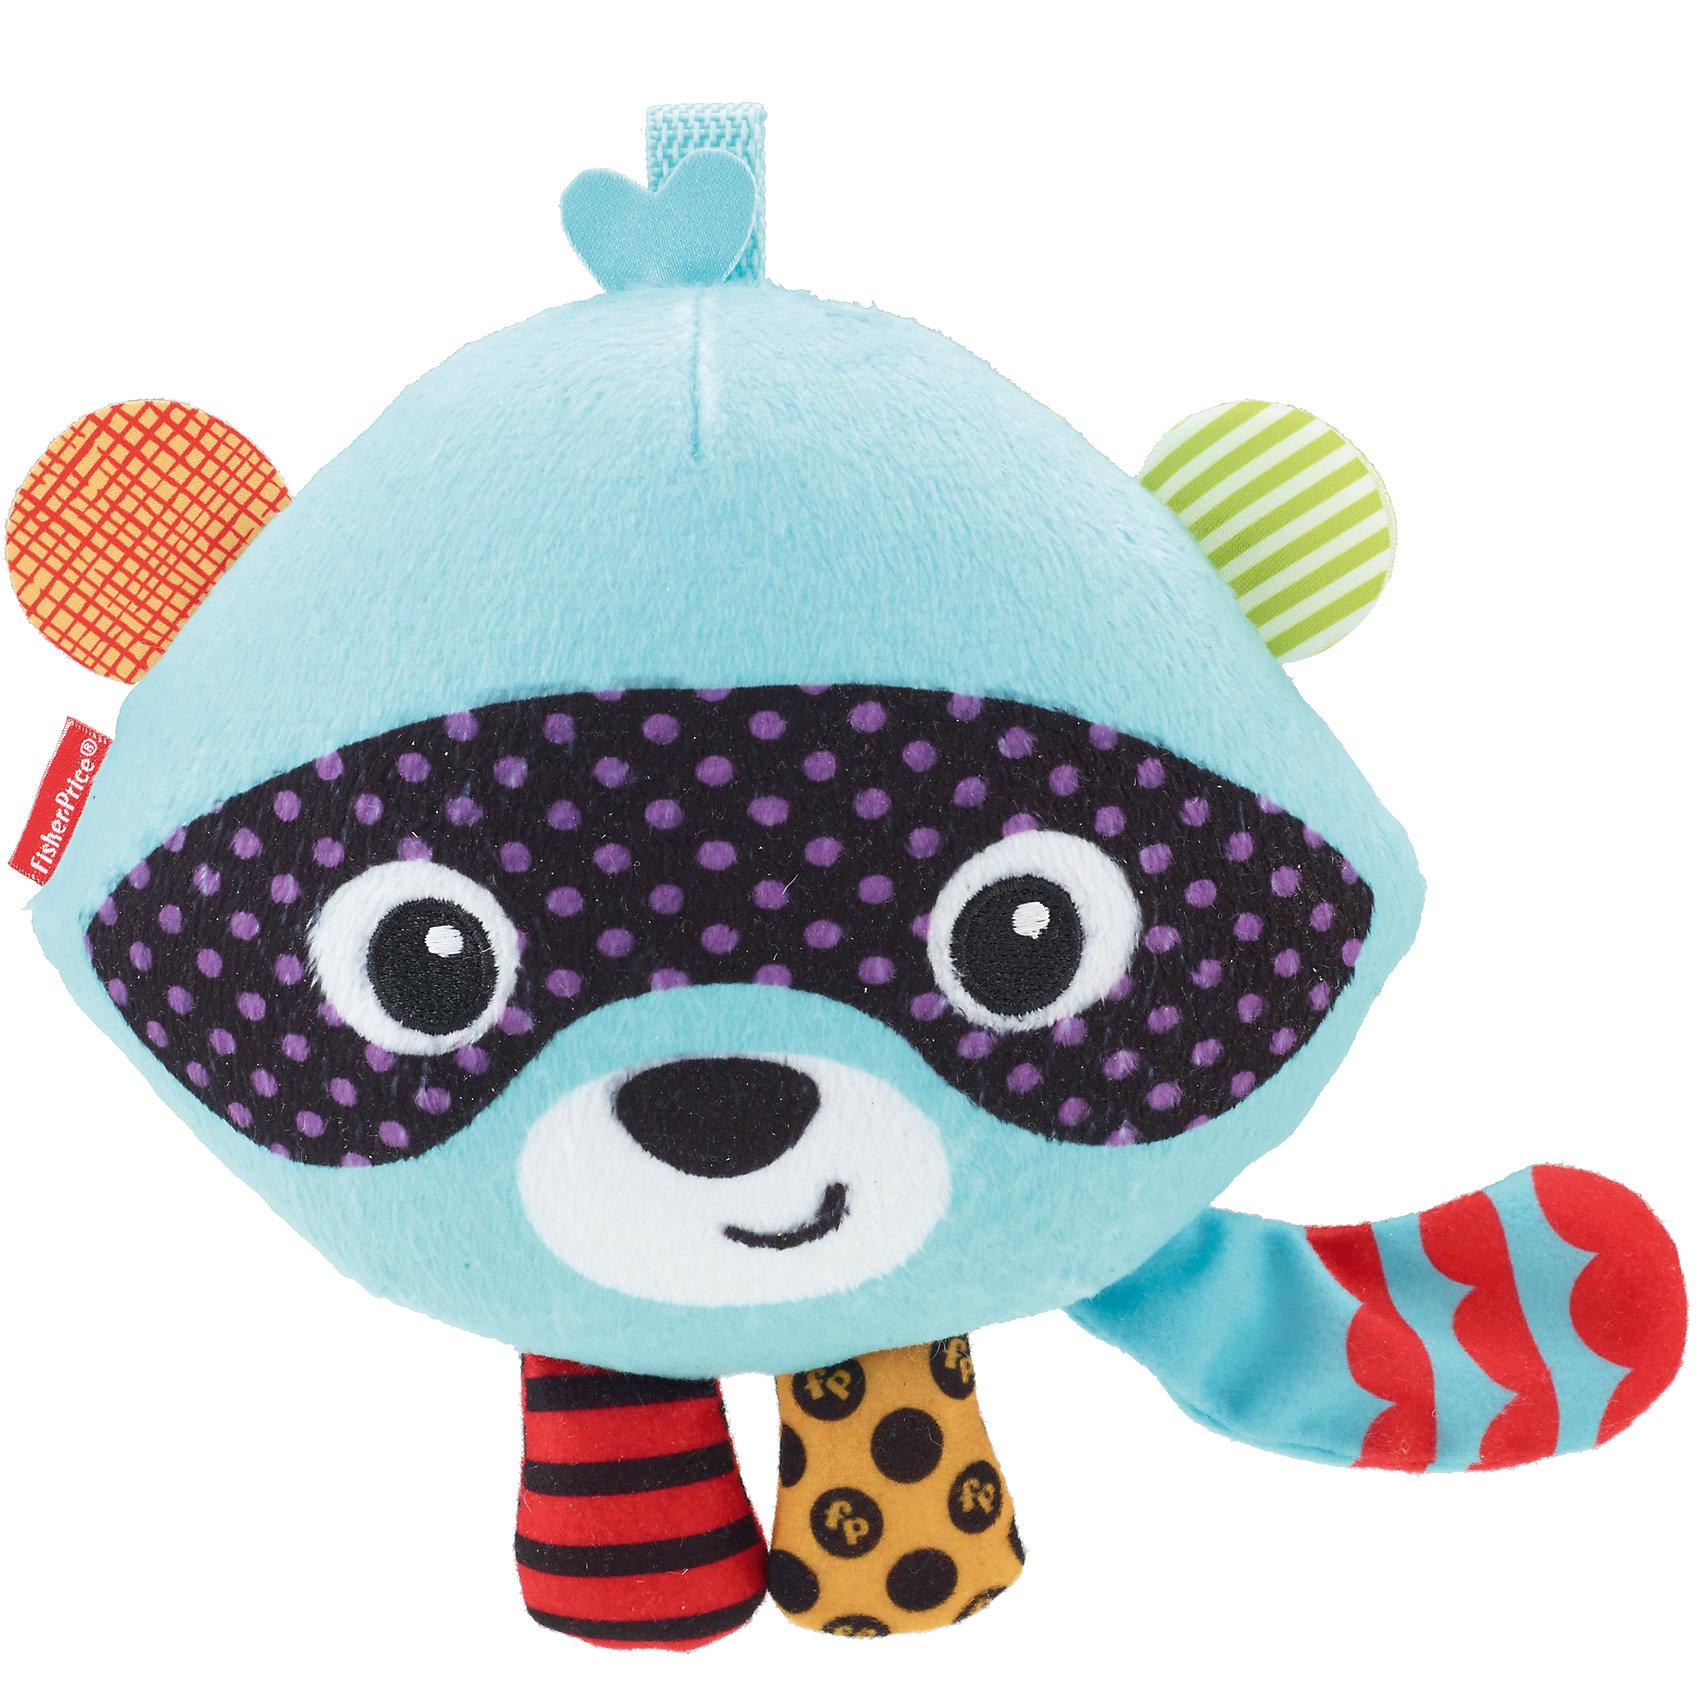 Mattel Игрушки Веселые друзья, со звуком, Fisher-Price fisher price мобиль для коляски веселые друзья